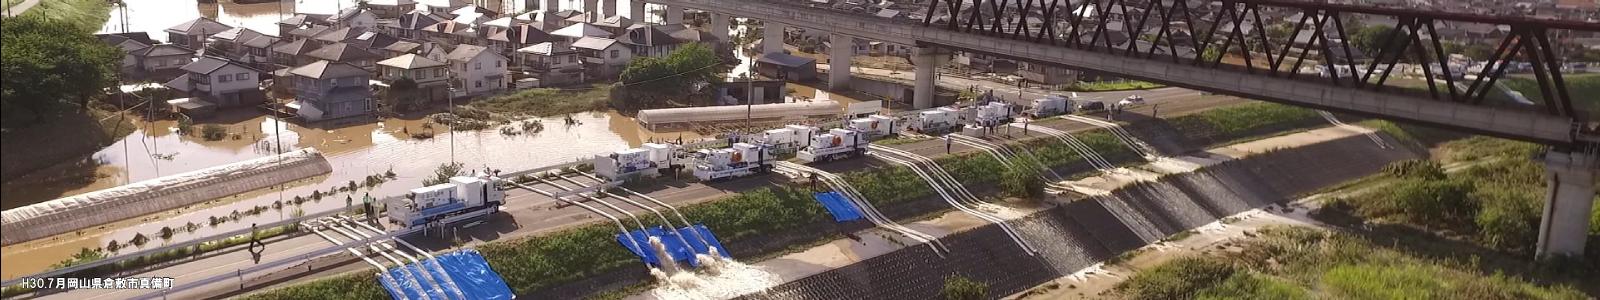 災害・防災情報:平成30年7月豪雨による被害状況について(第51報 ...